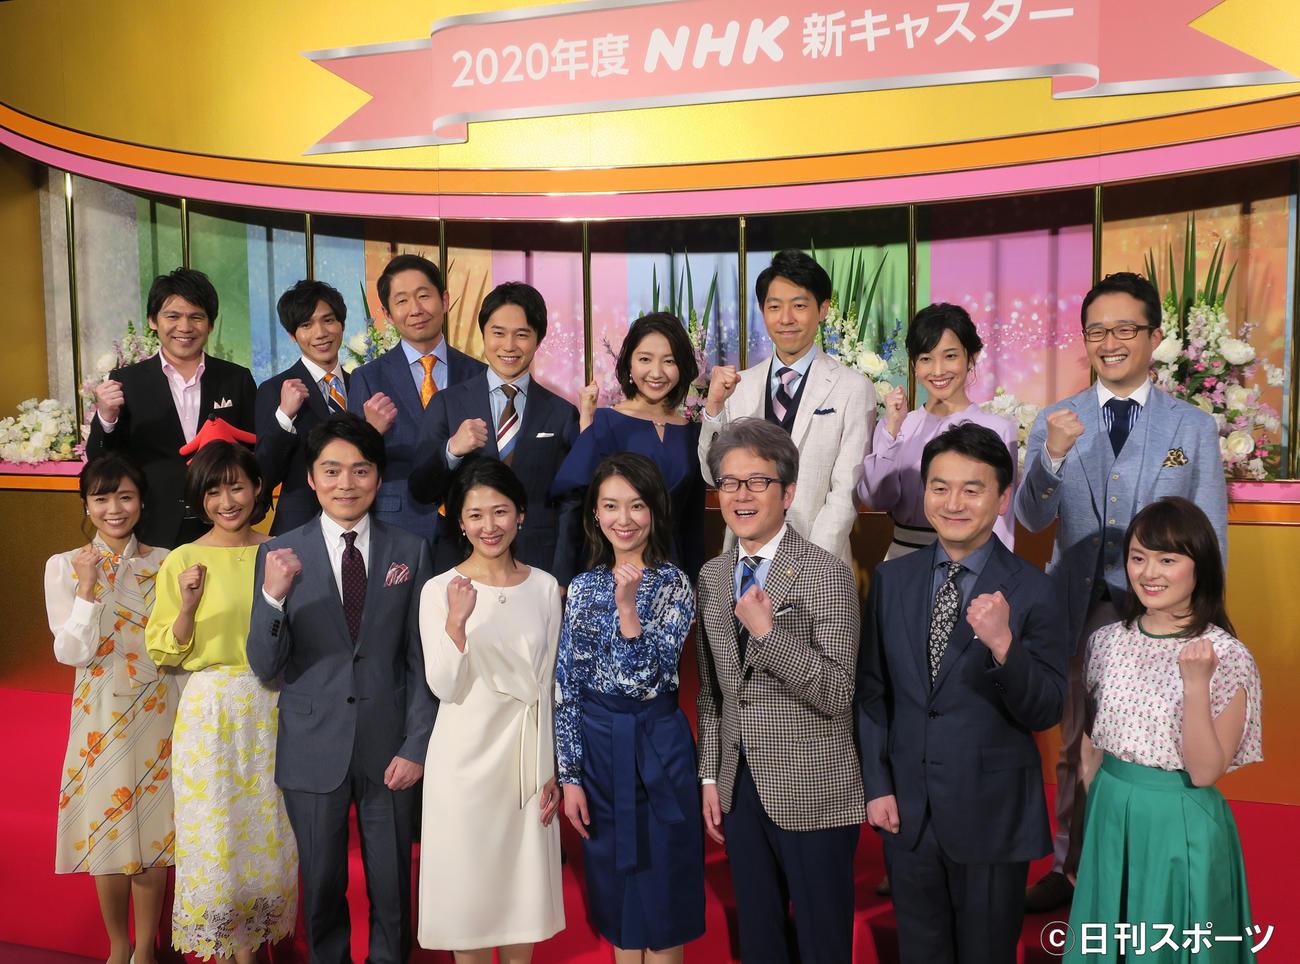 20年度NHK新キャスター会見を行った同局のアナウンサーたち